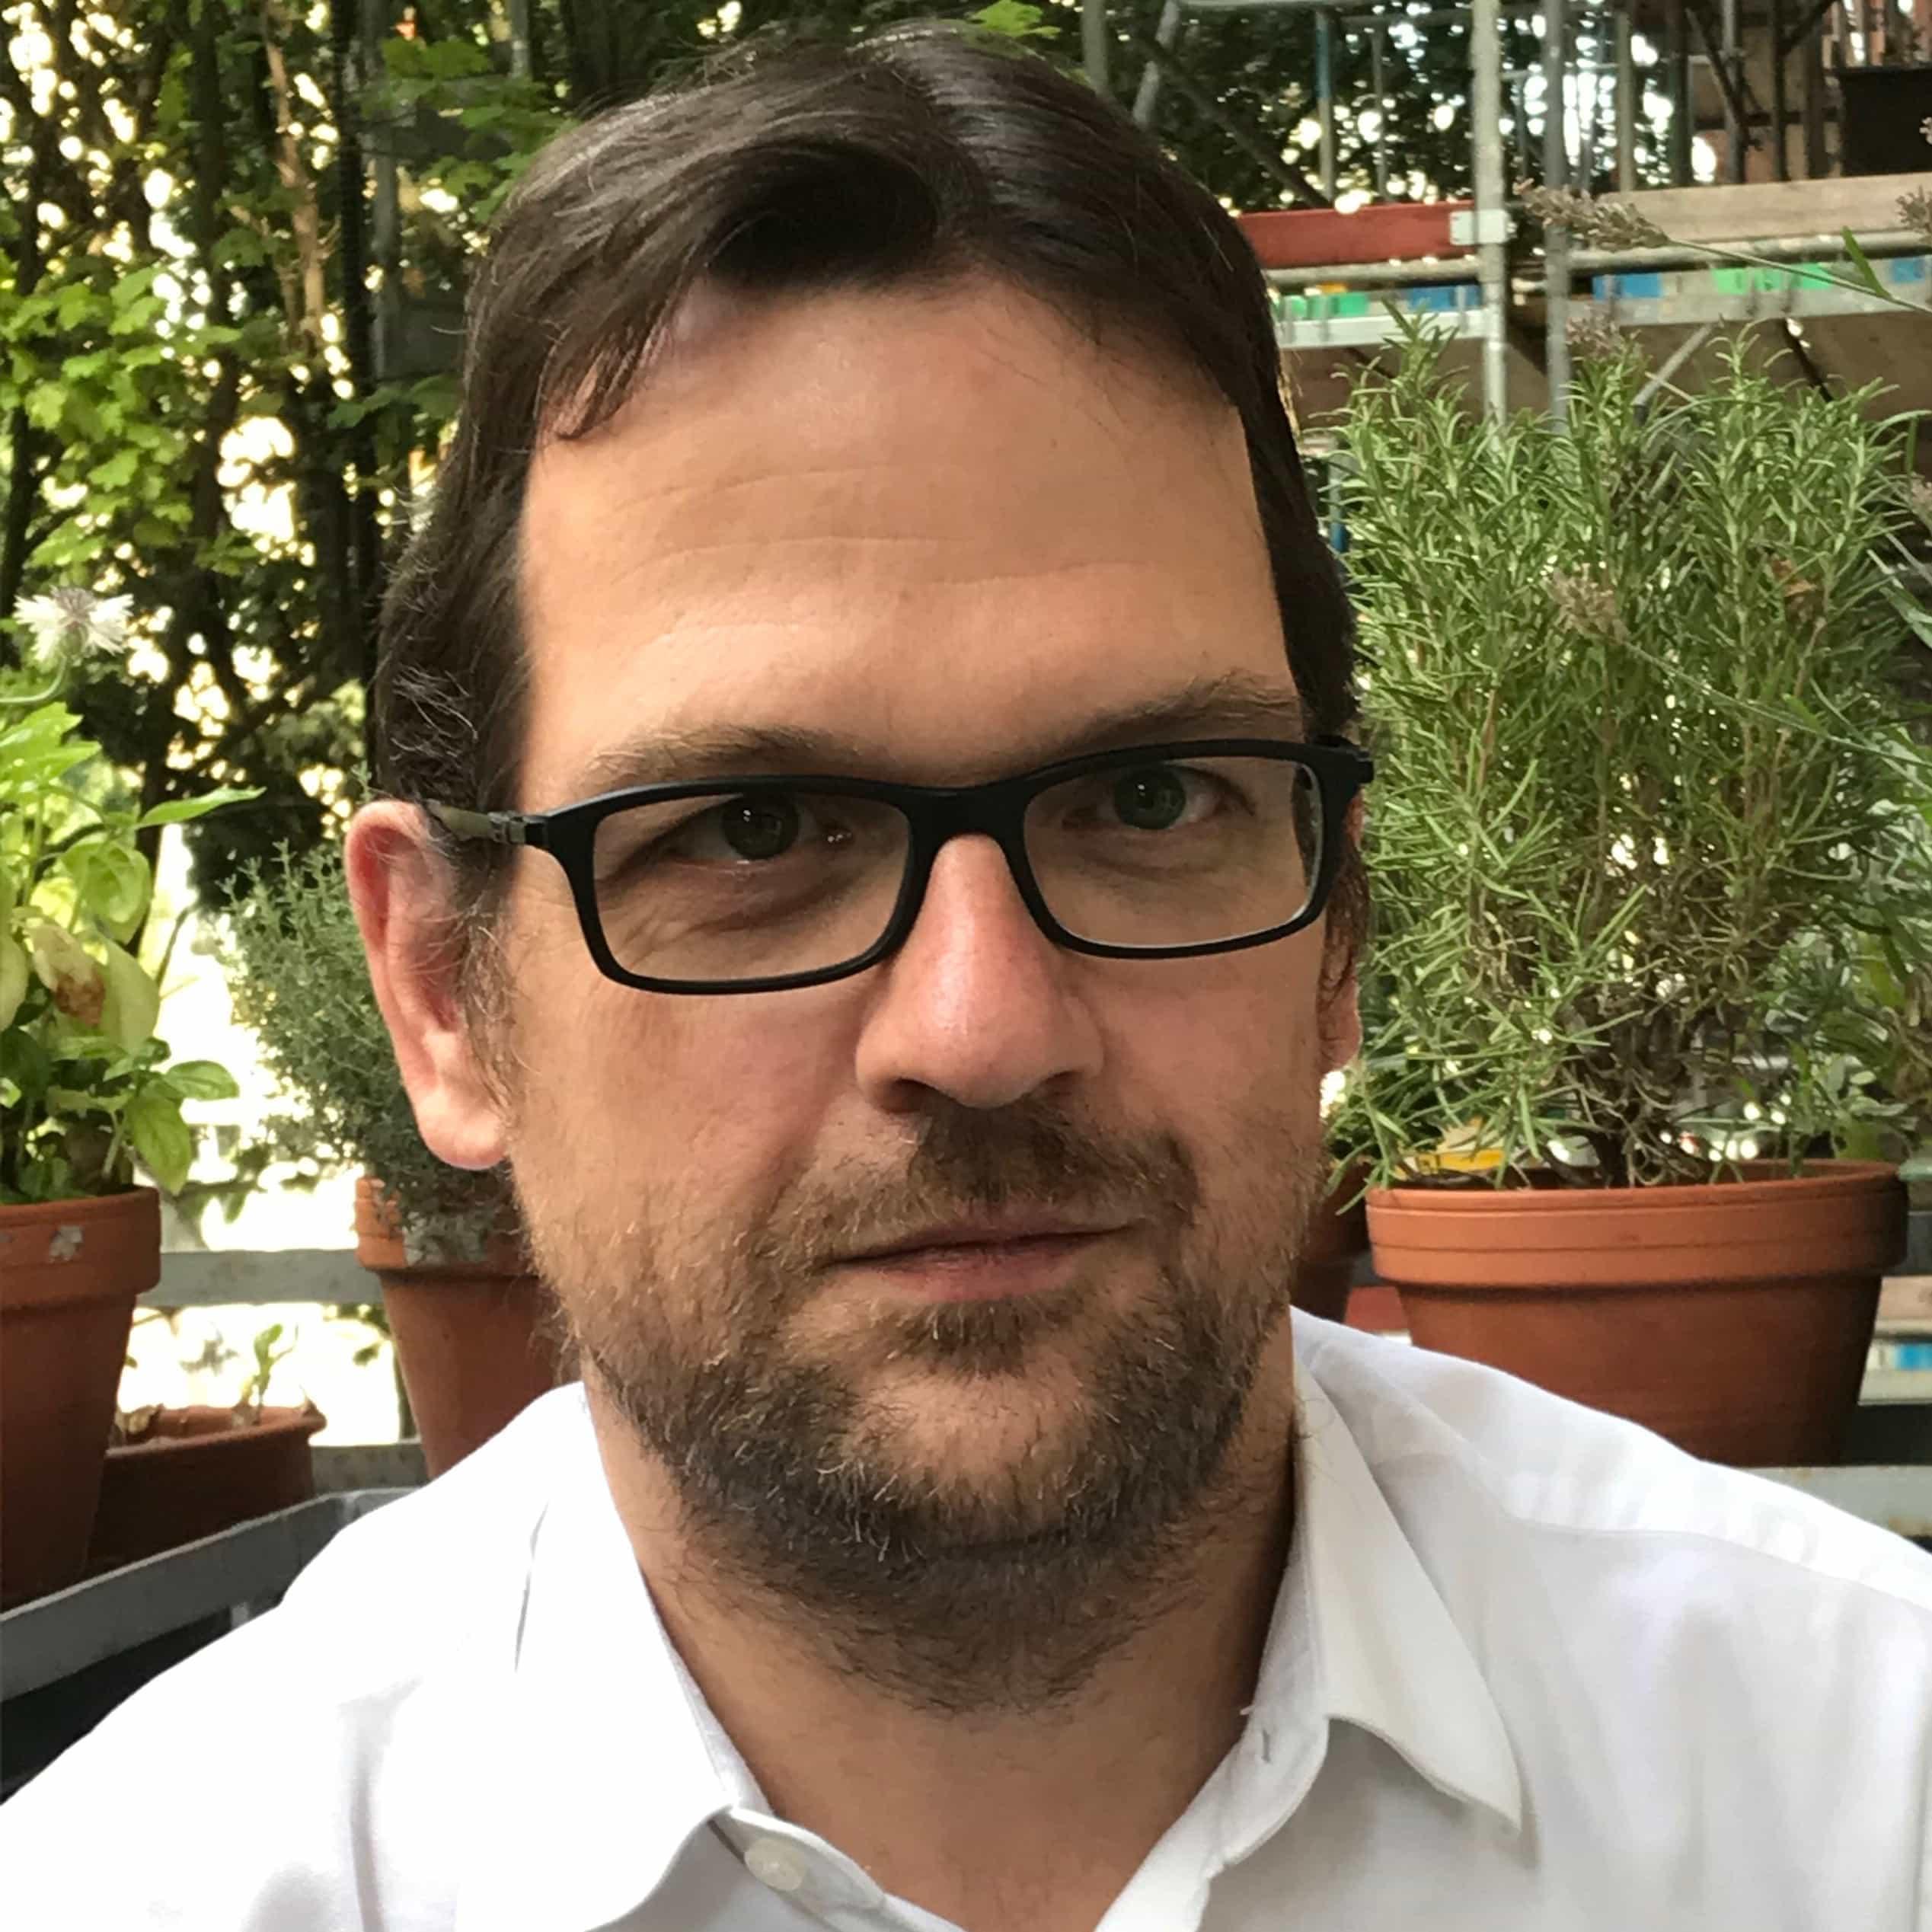 Matthias Traub